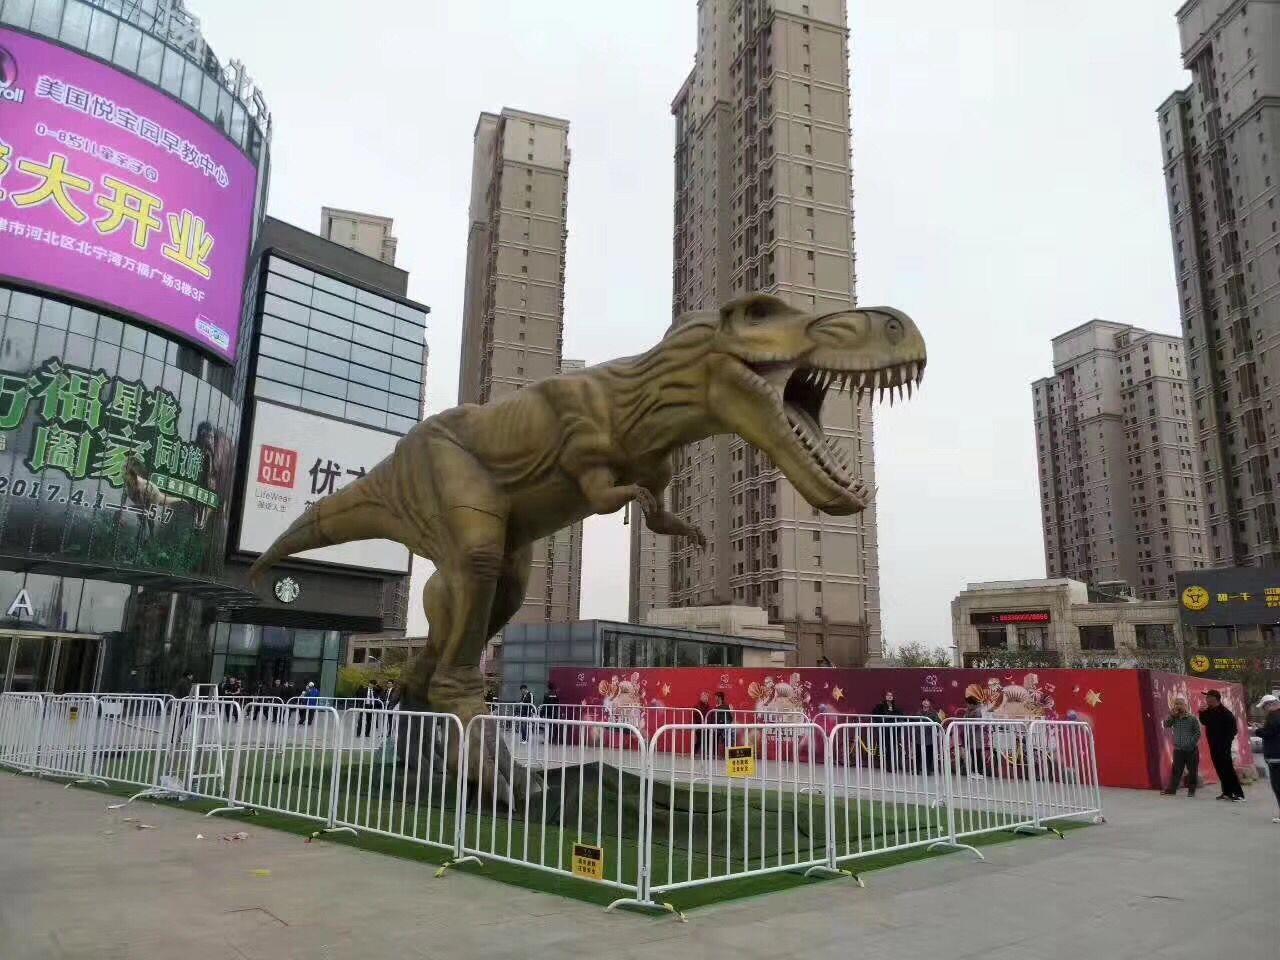 锡林郭勒盟恐龙模型主题道具出租